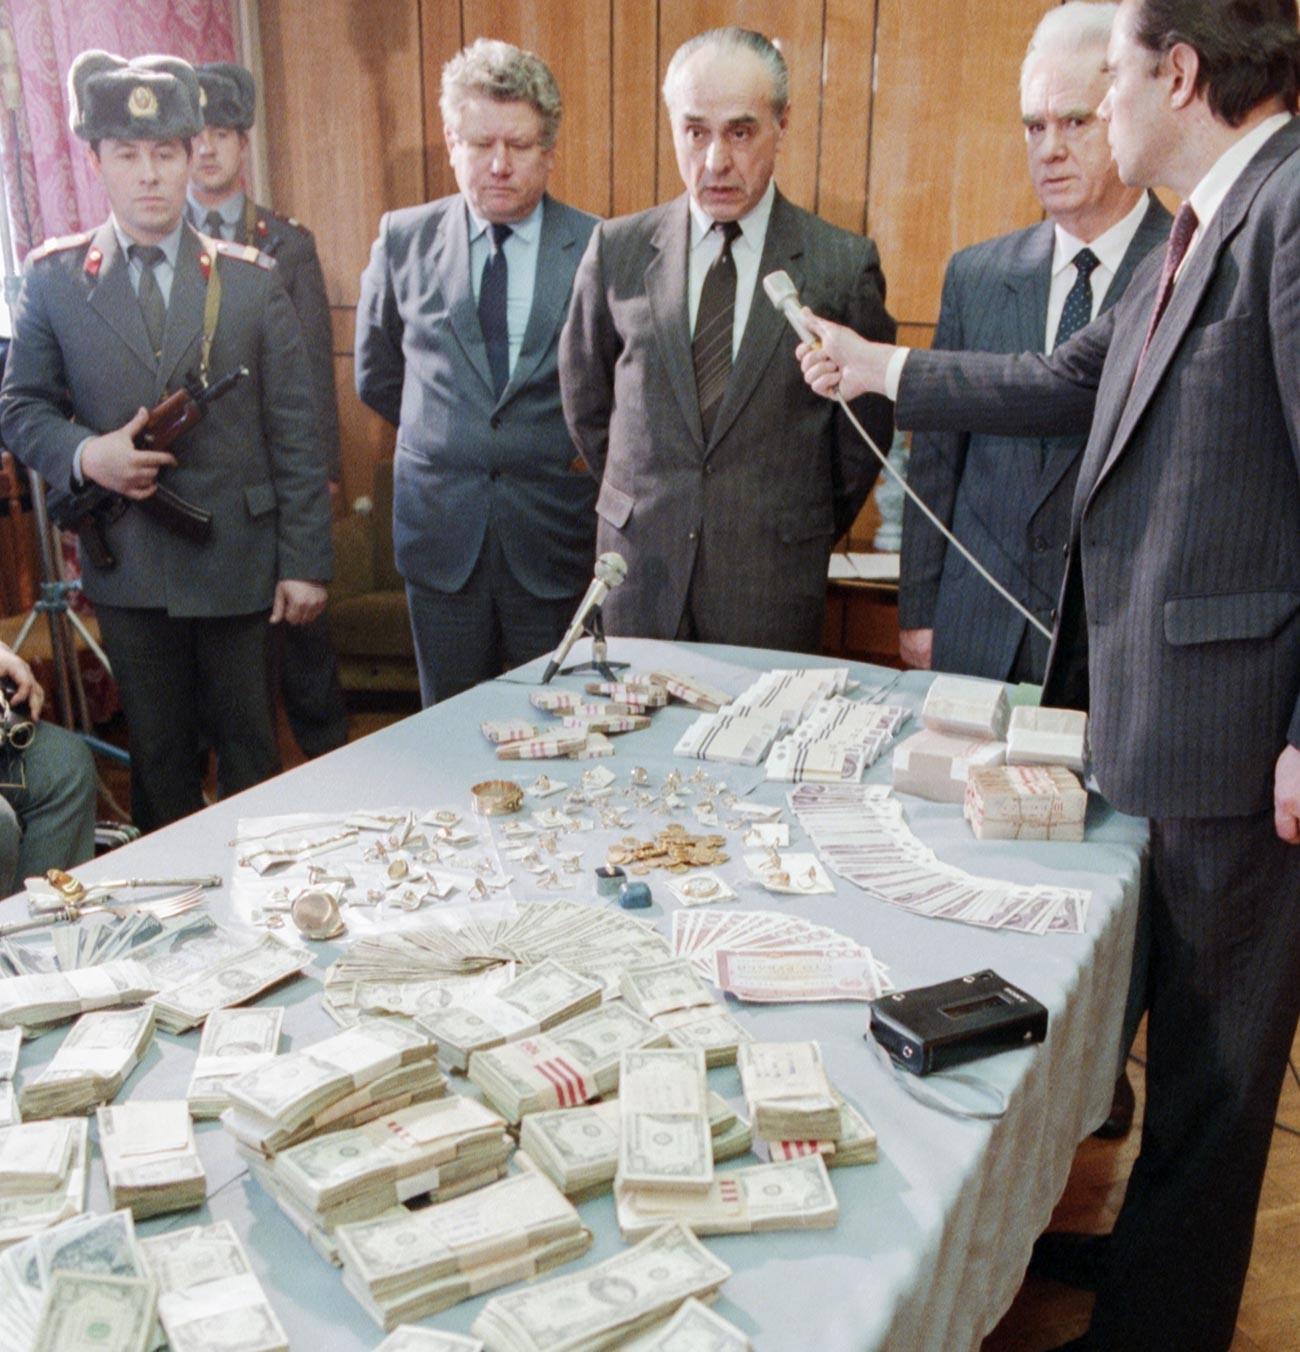 Конфискувани ценности от спекуланти, показани на журналисти на пресконференция в Главното управление на вътрешните работи на Московския градски изпълнителен комитет.